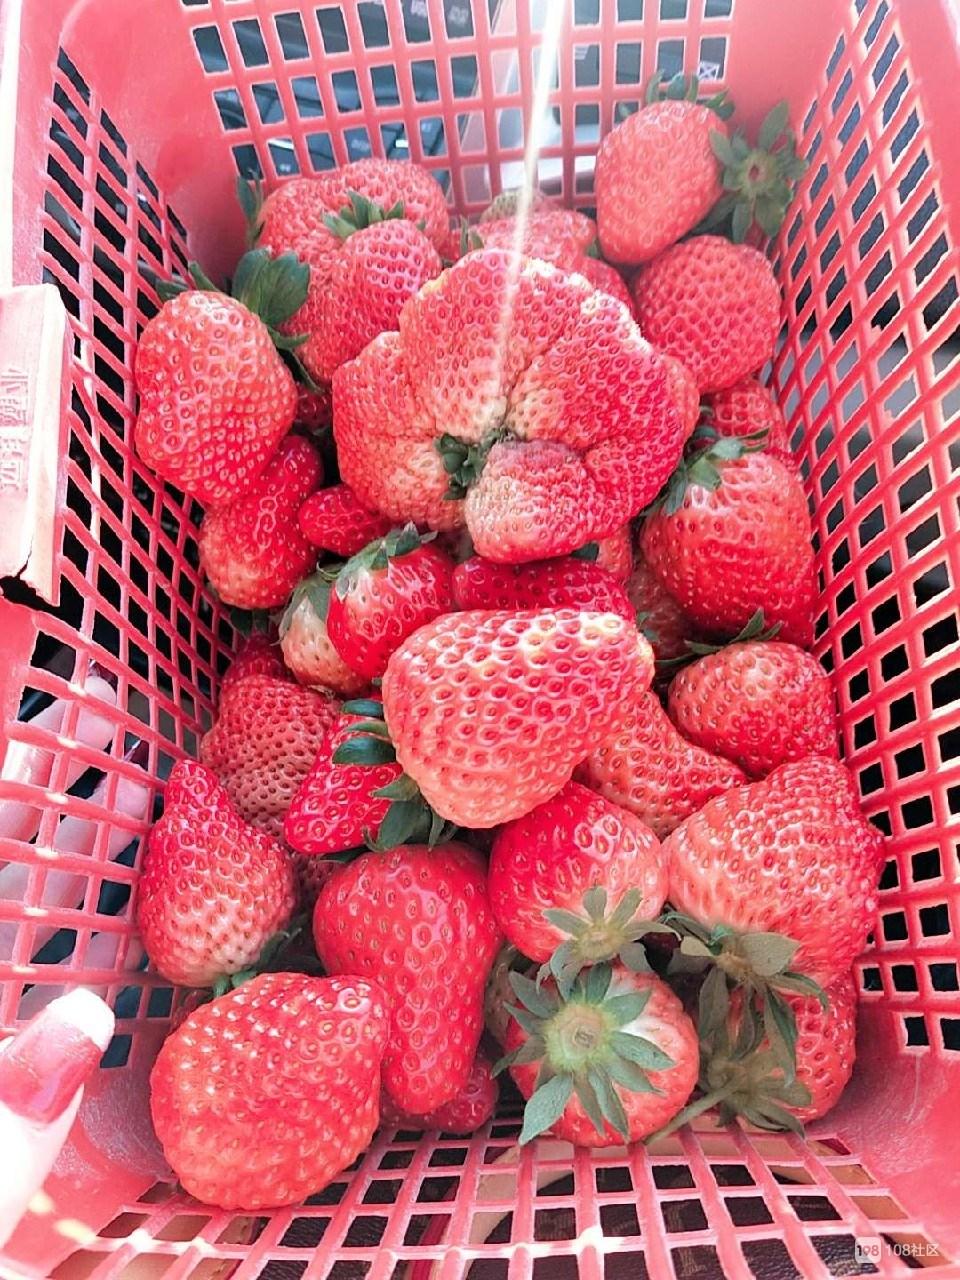 30一斤!瓷都女子摘草莓一时爽 上称付钱心在滴血!